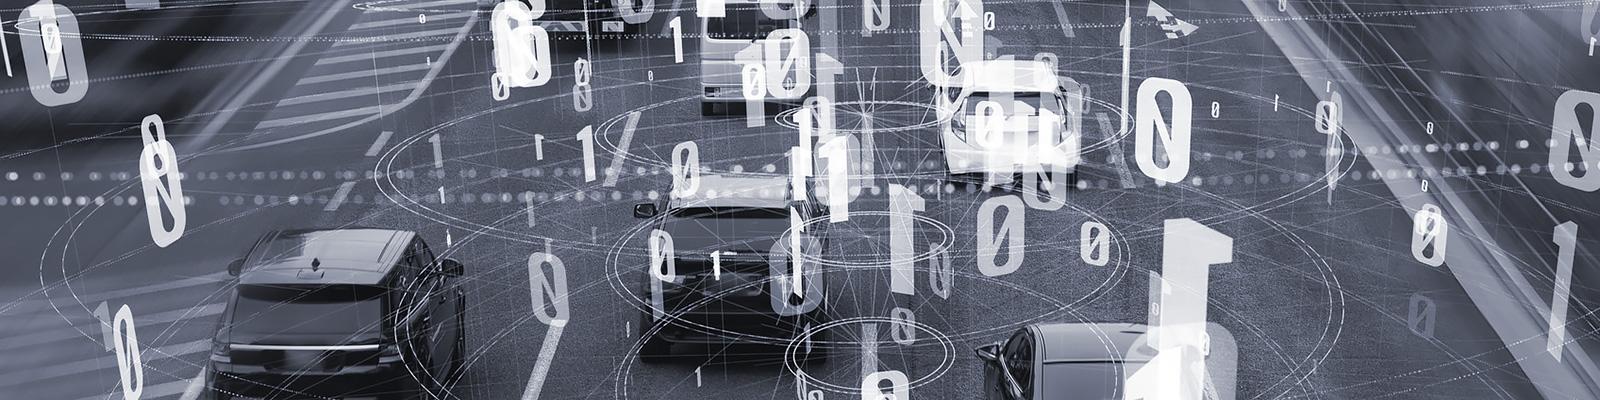 自動車 コンピューティング セキュリティー イメージ